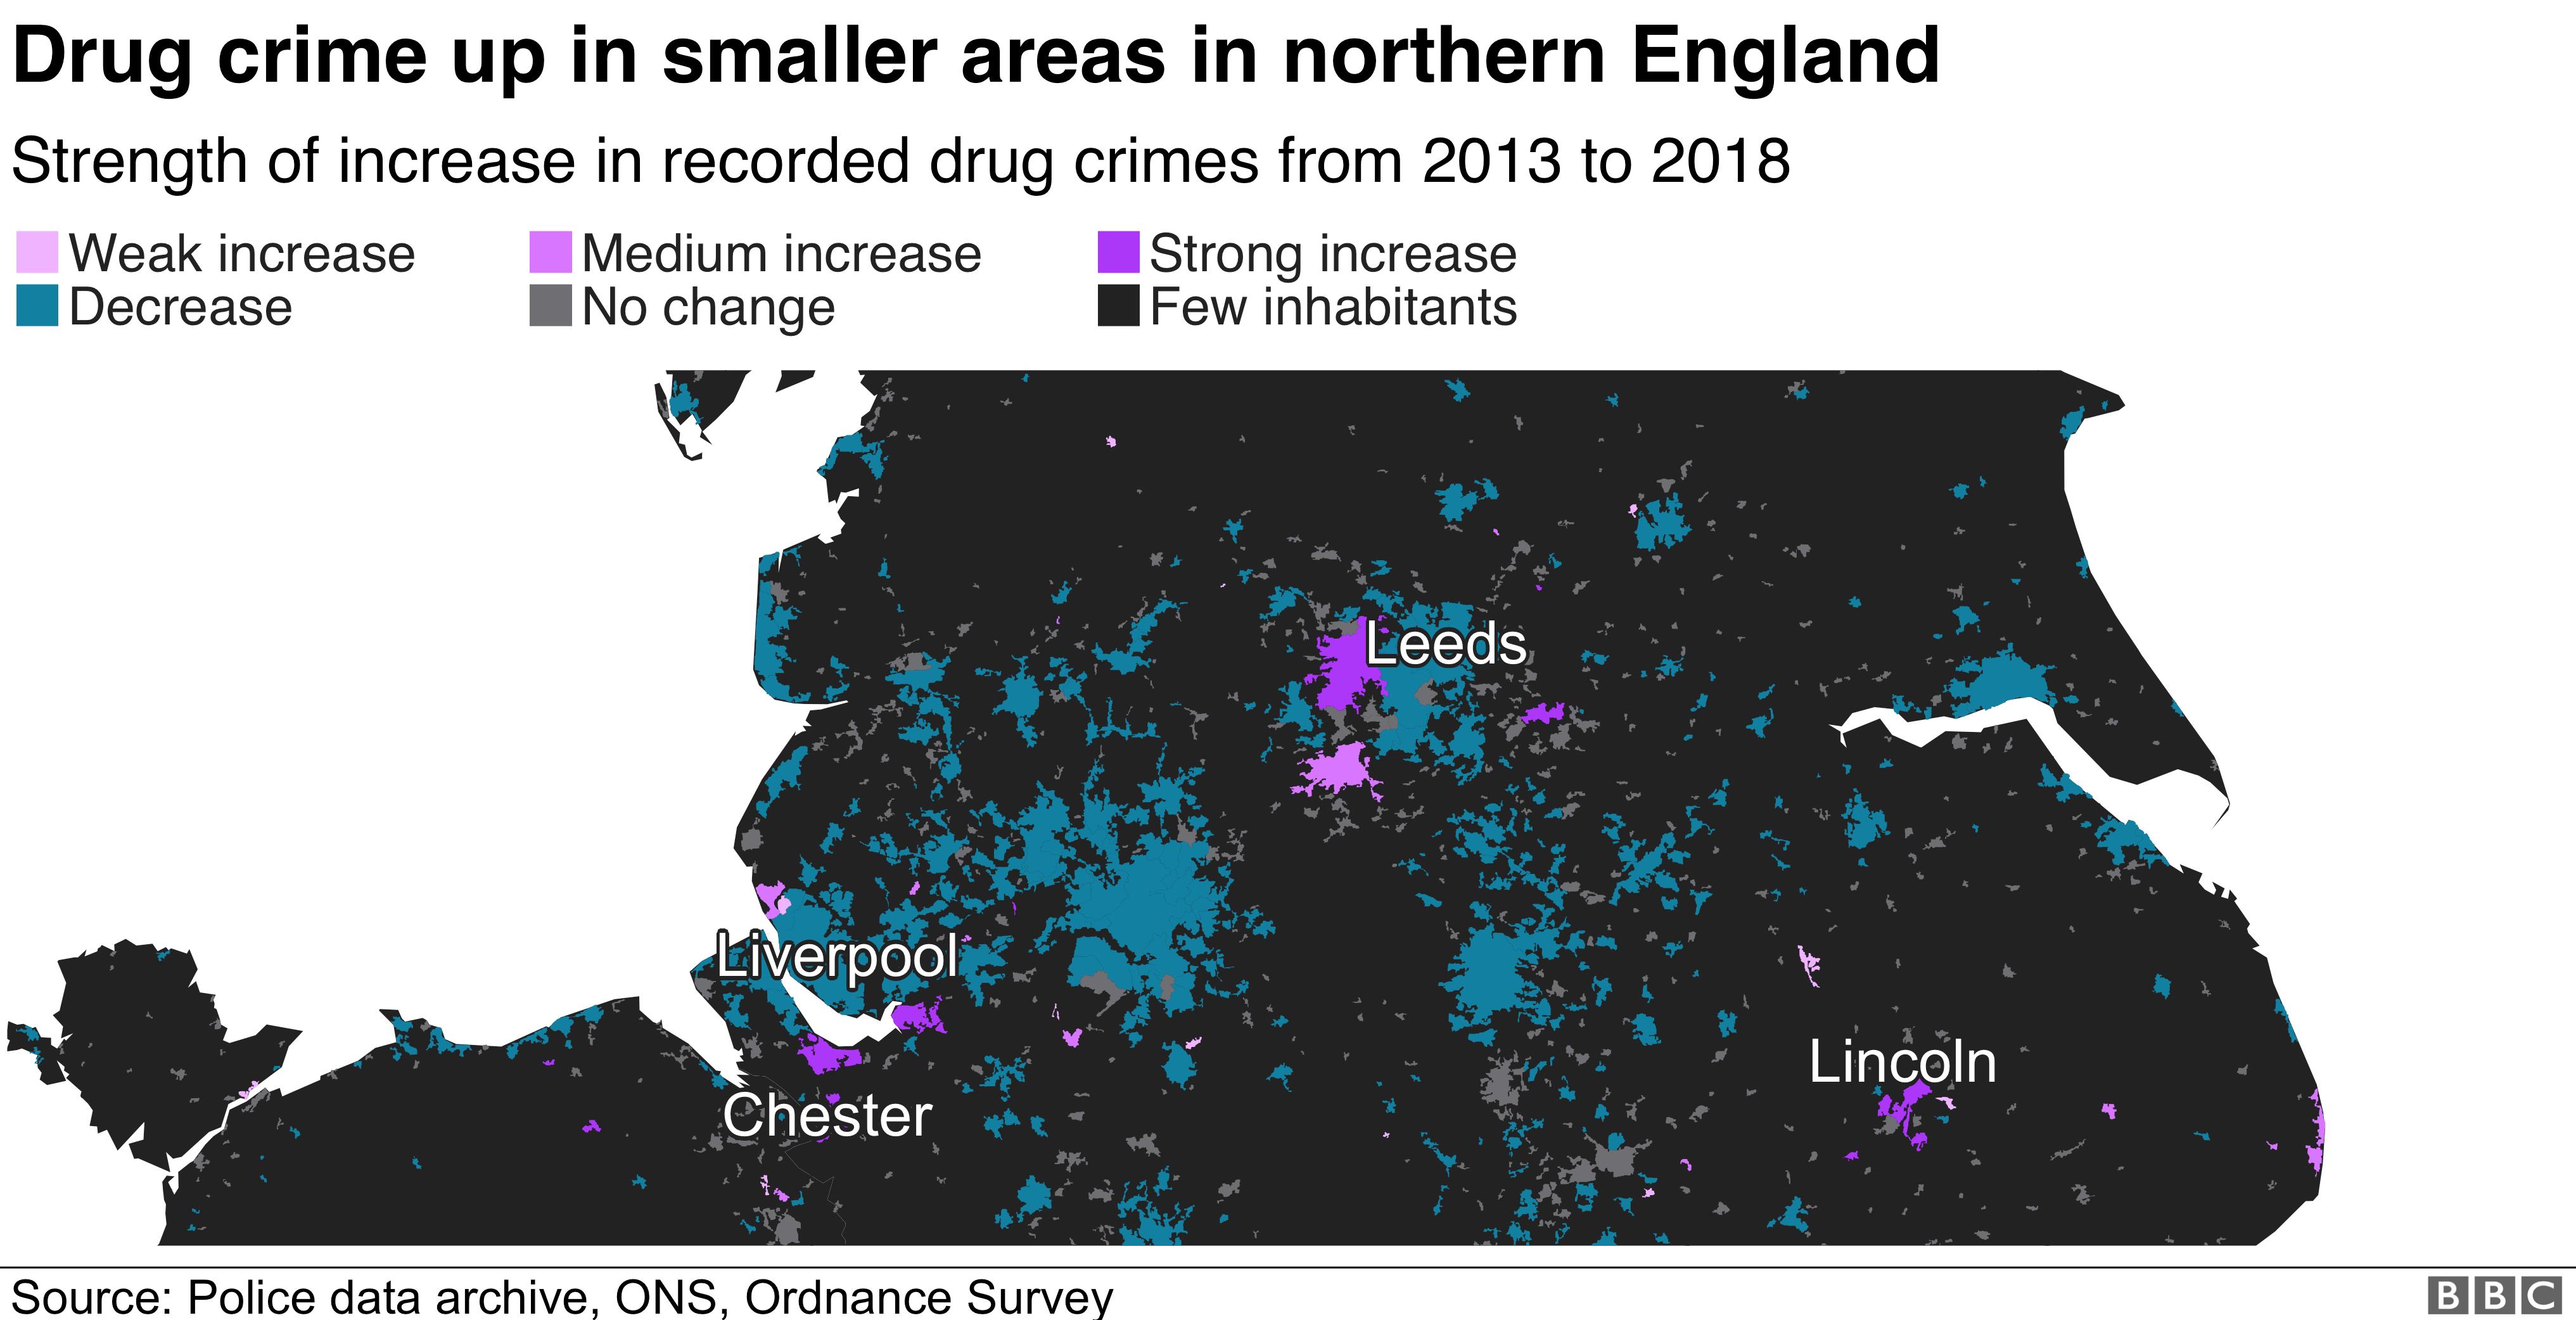 Drug crime mapped - BBC News